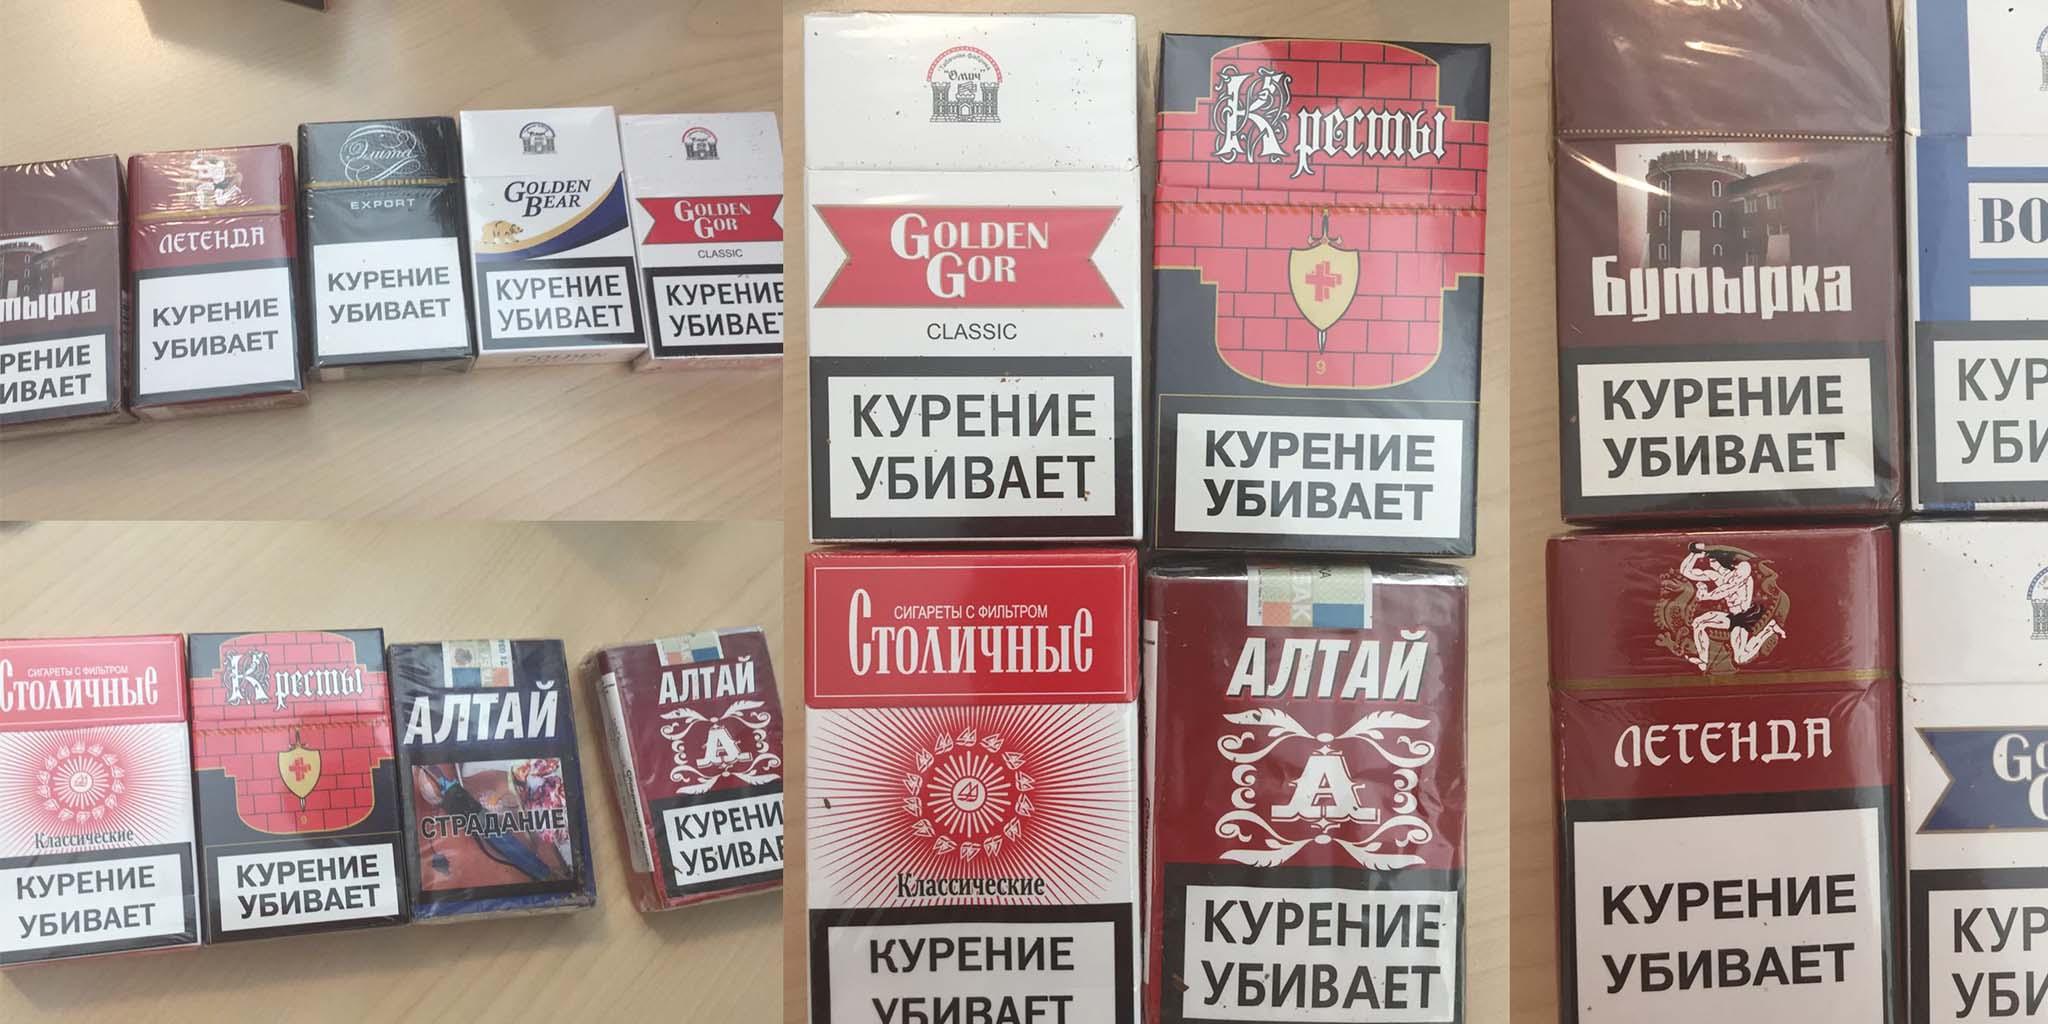 купить контрафакт сигареты